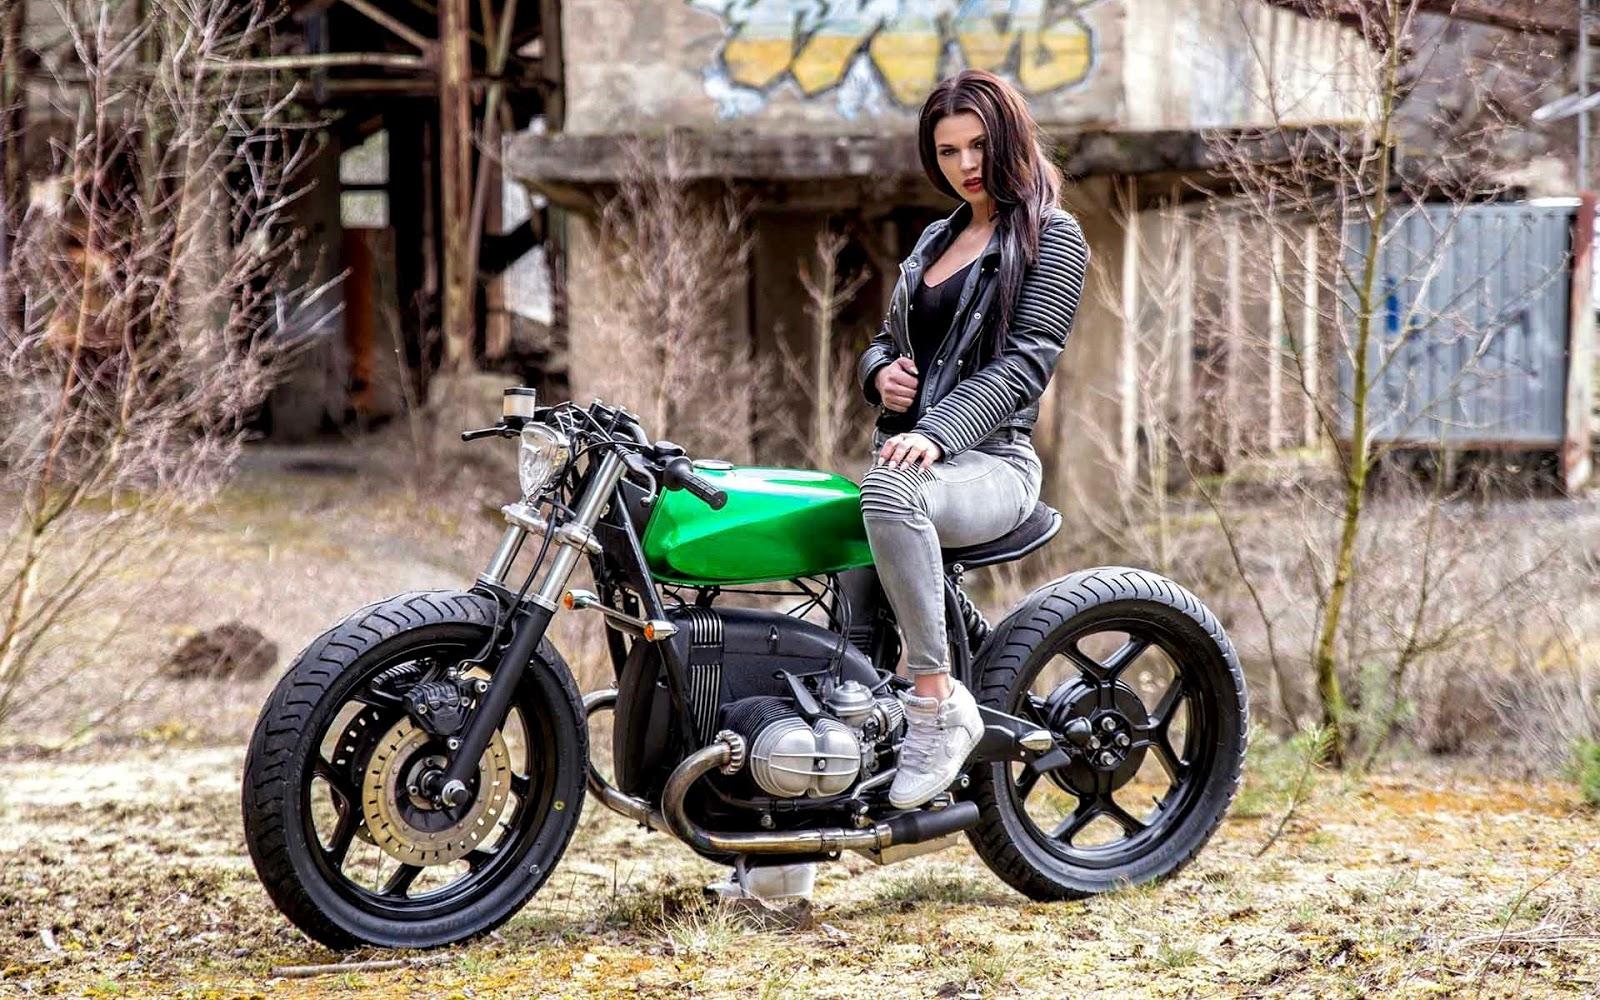 Melissandra And The R80 Inazuma Caf 233 Racer